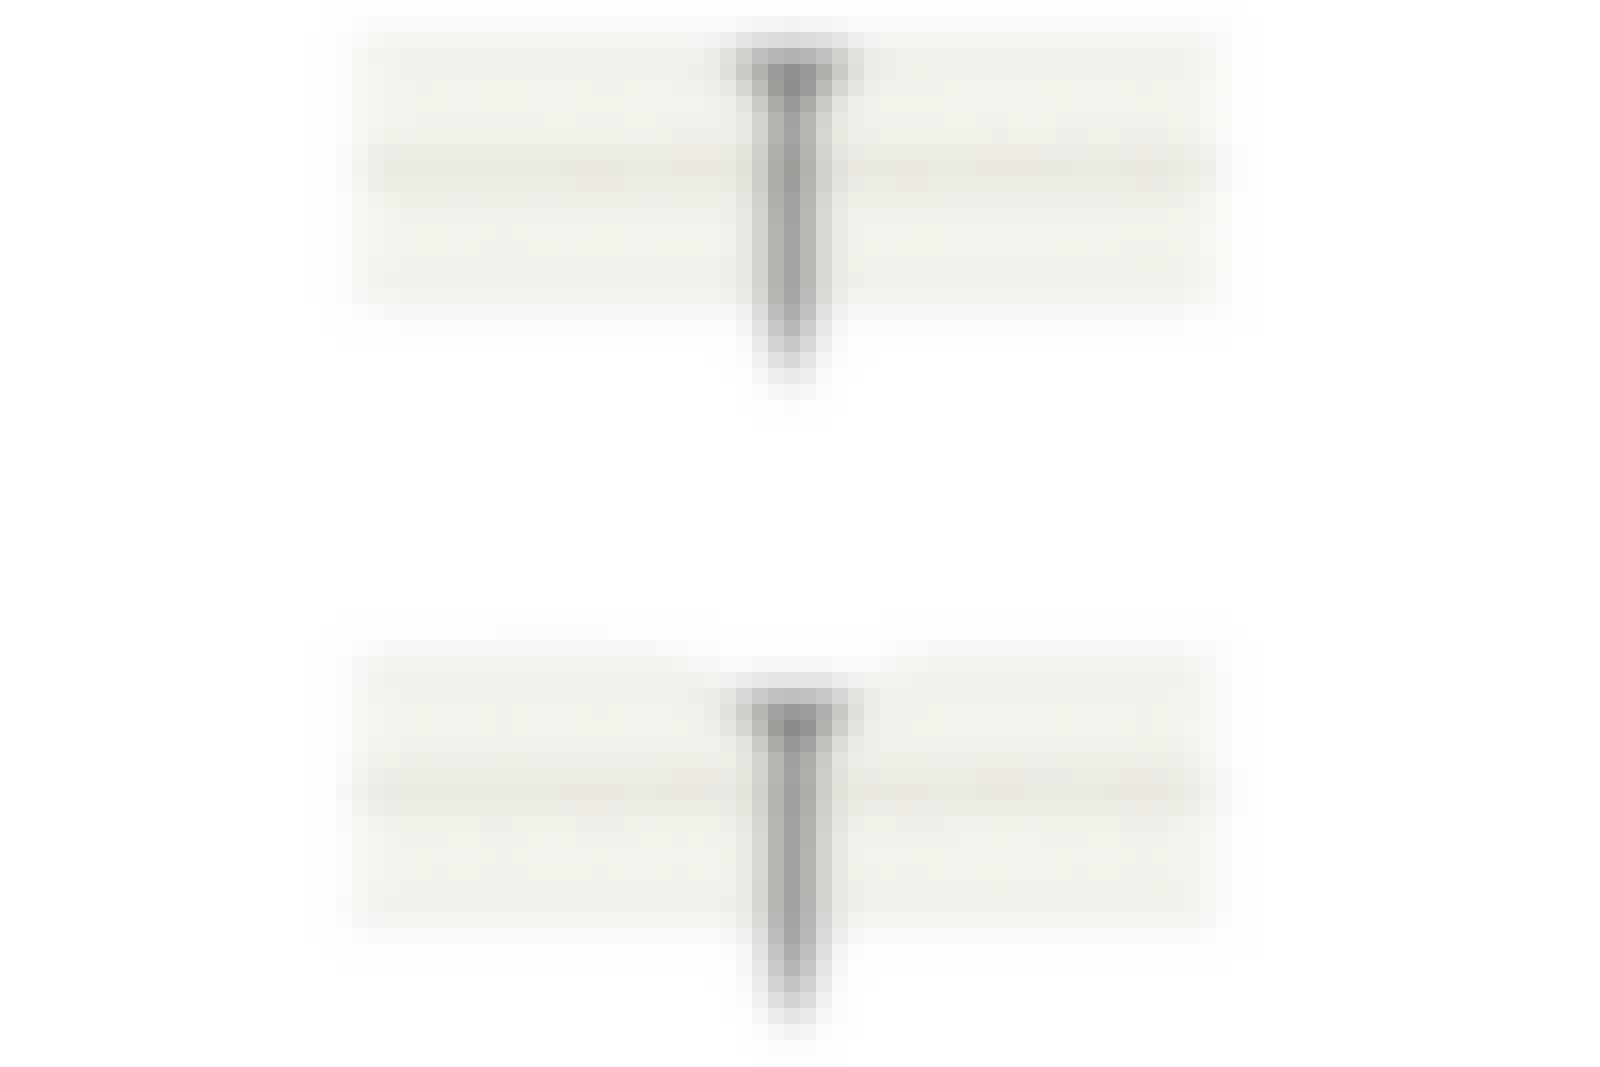 Gipsskruvdragare: Rätt montering av gipsskruv med en gipsskruvdragare